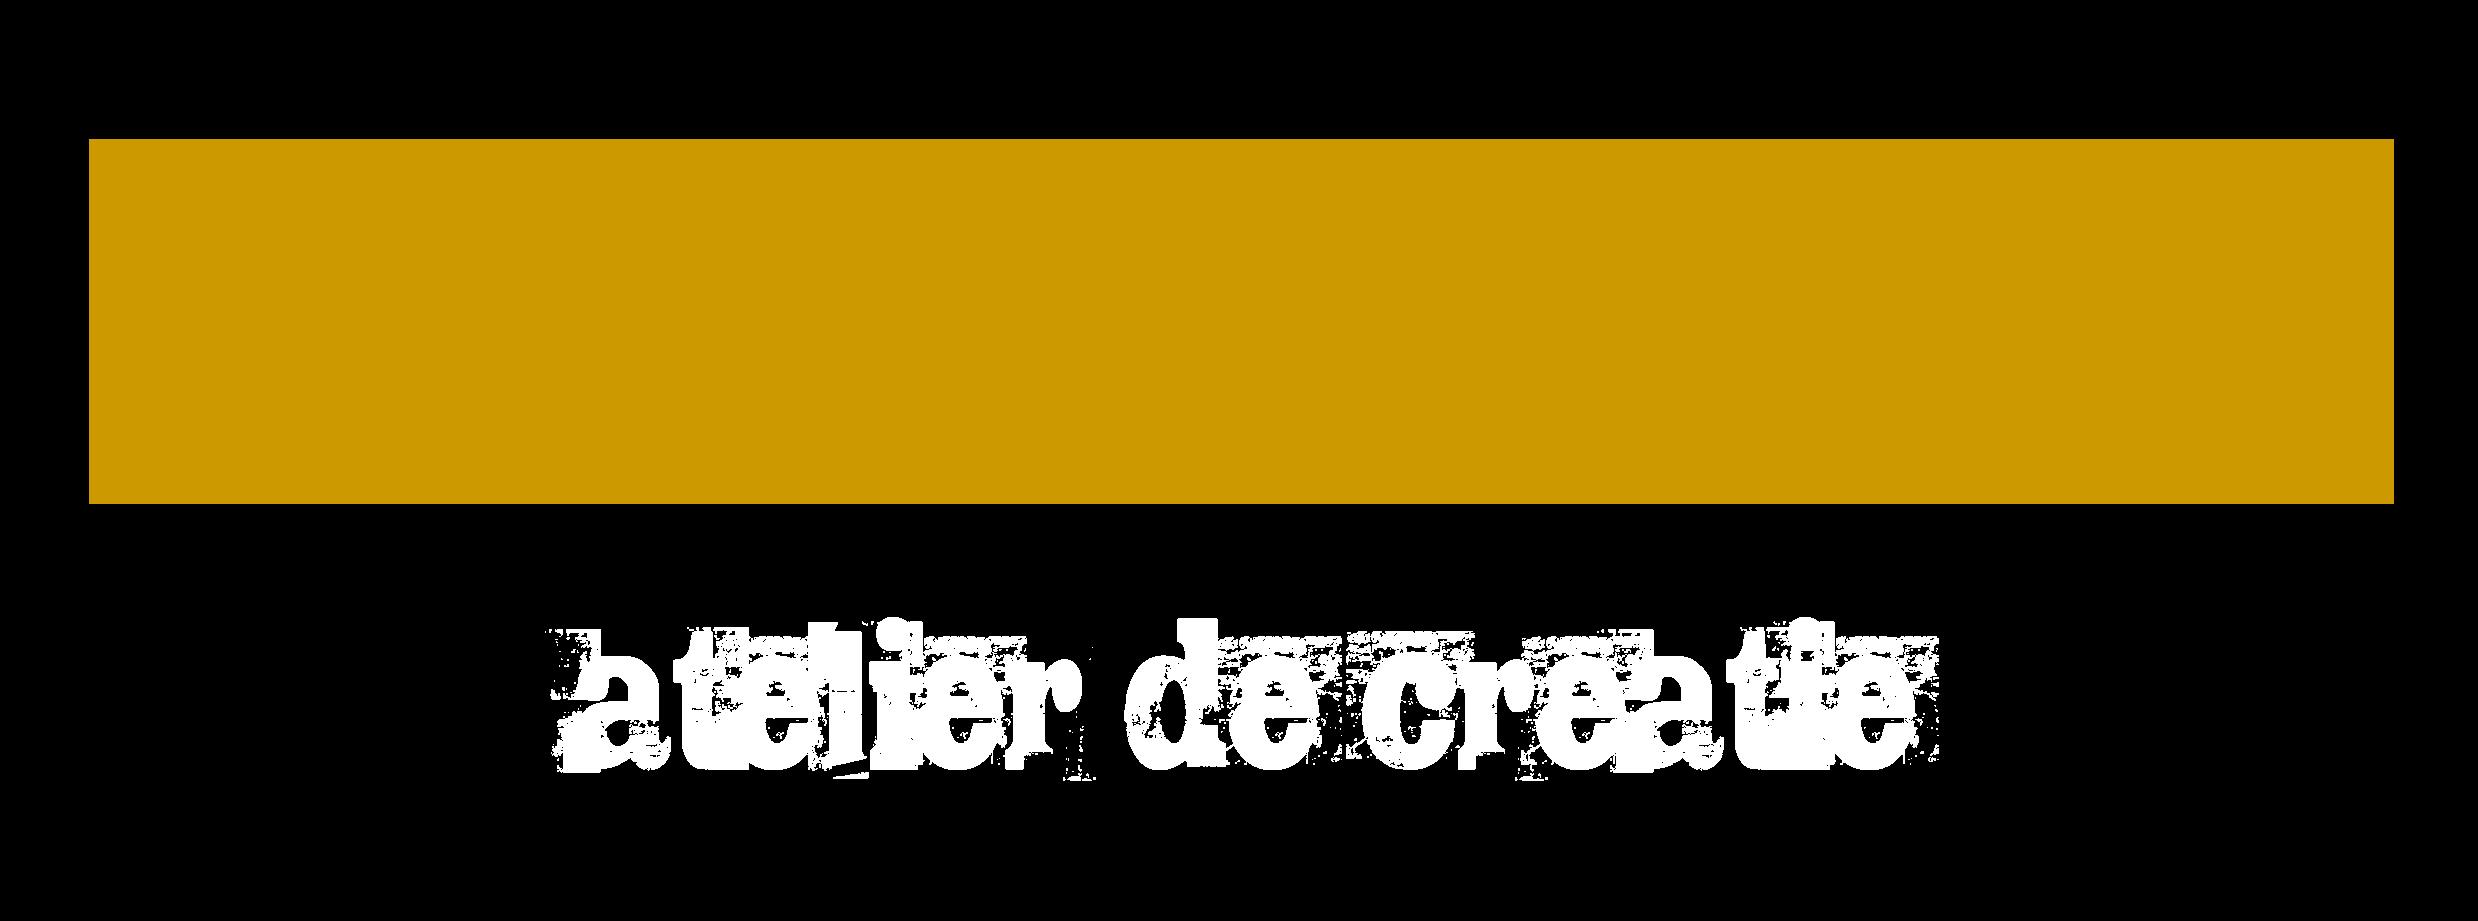 Wood Be Nice